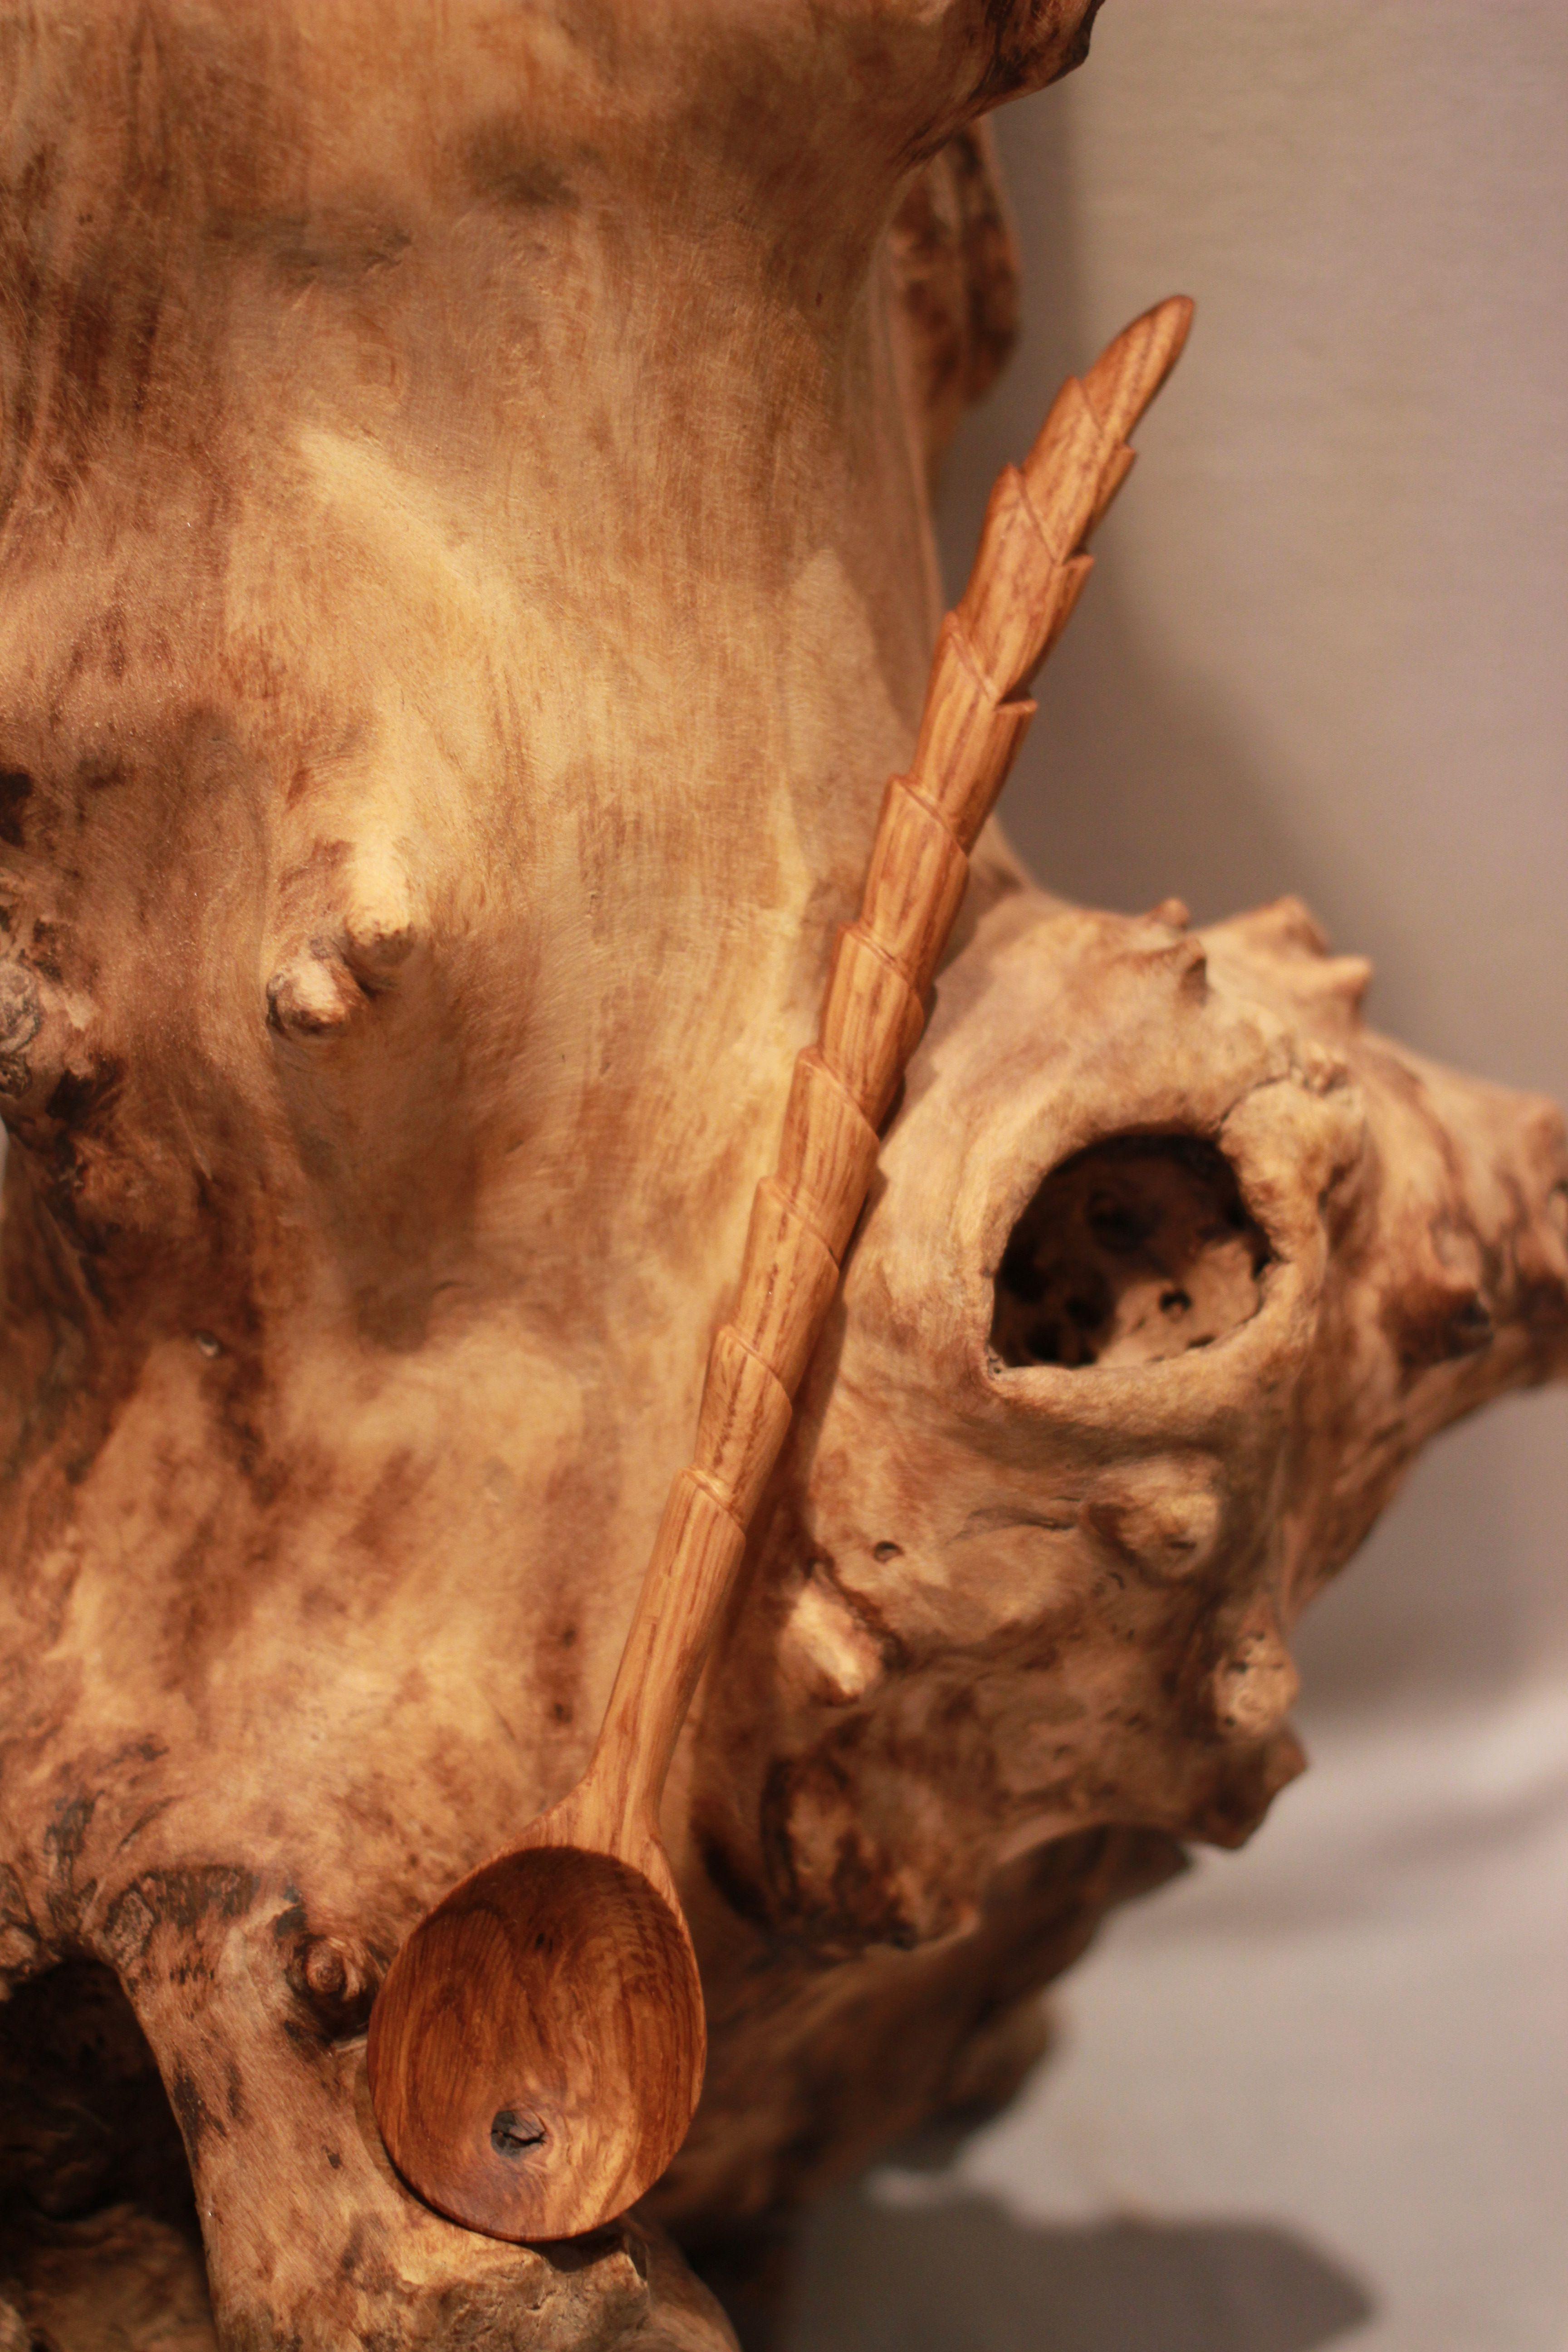 кухонная дерева специй ложкидеревокухонная утварьдля кухниложки деревянныерезьба деревукухняподарокподарок хозяйкедеревянная посудадеревянная утварьпосуда для по из ложечки